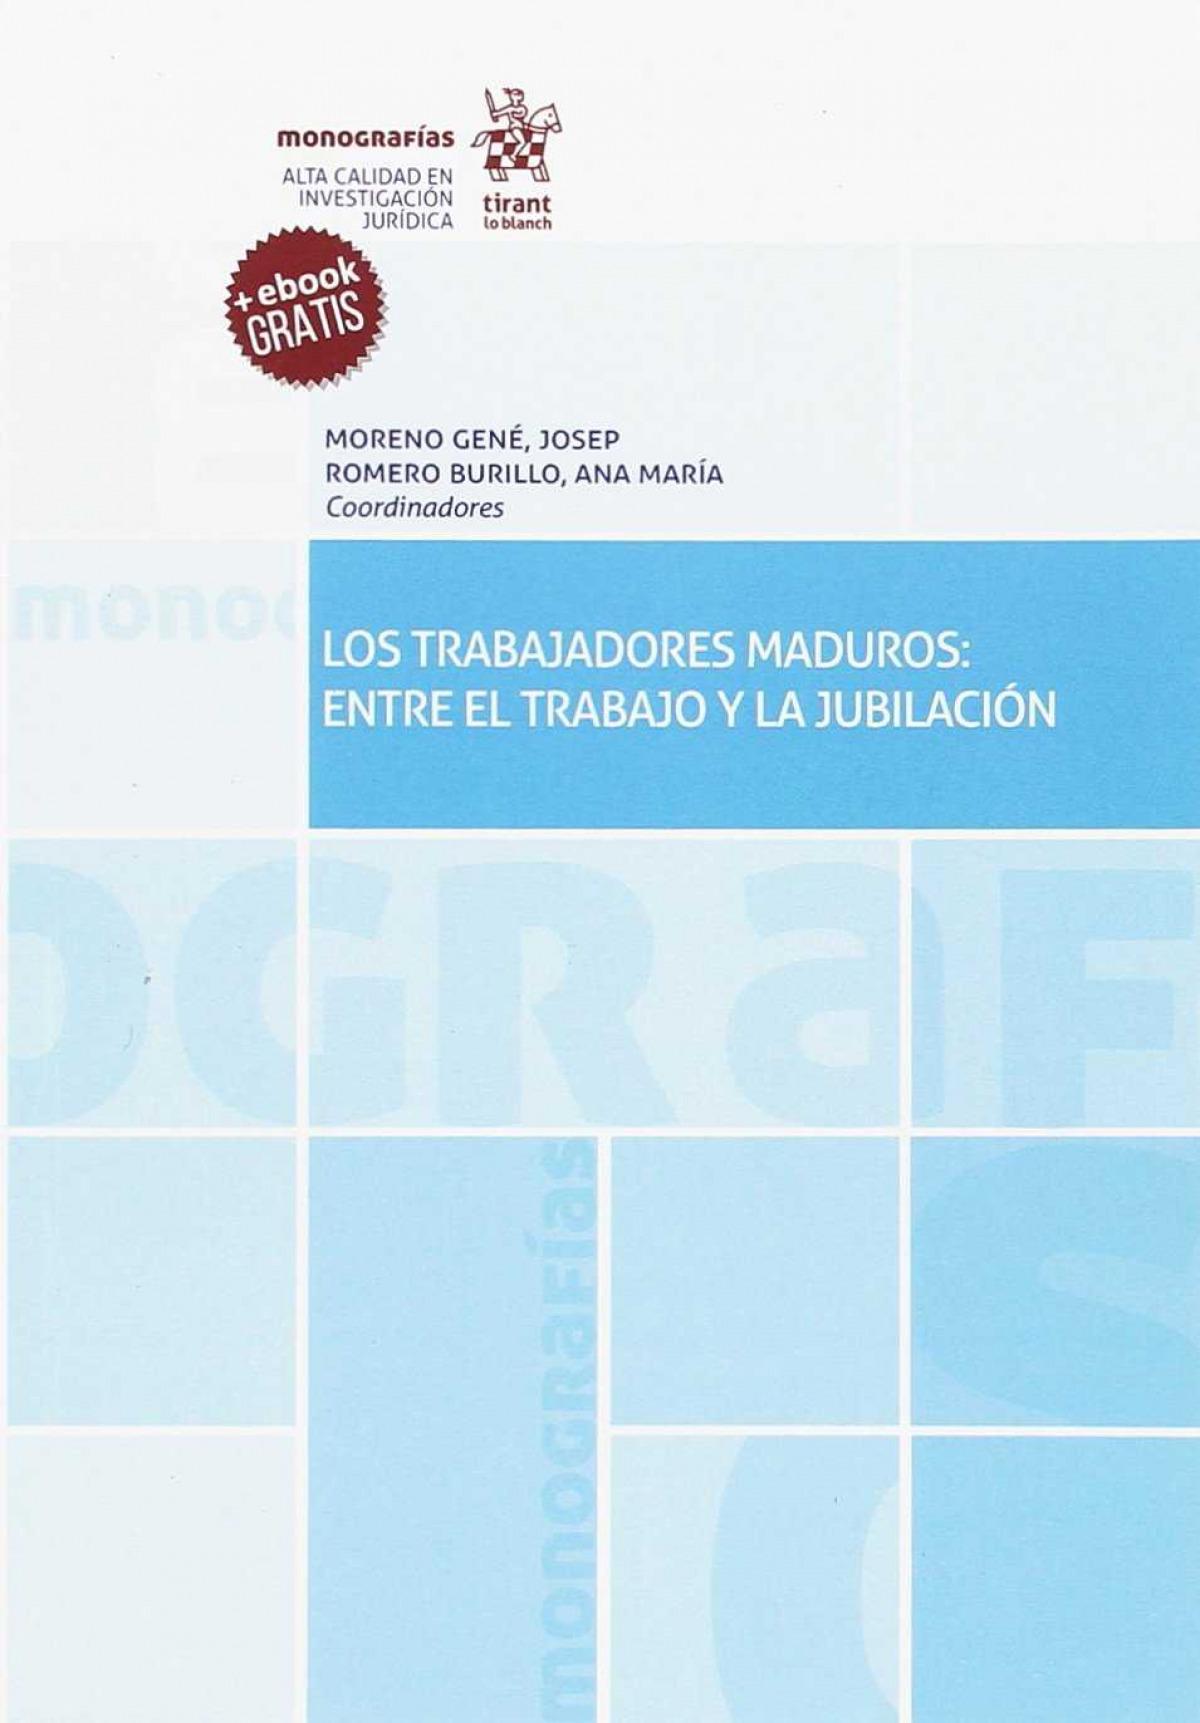 Los Trabajadores Maduros: Entre el Trabajo y la Jubilación